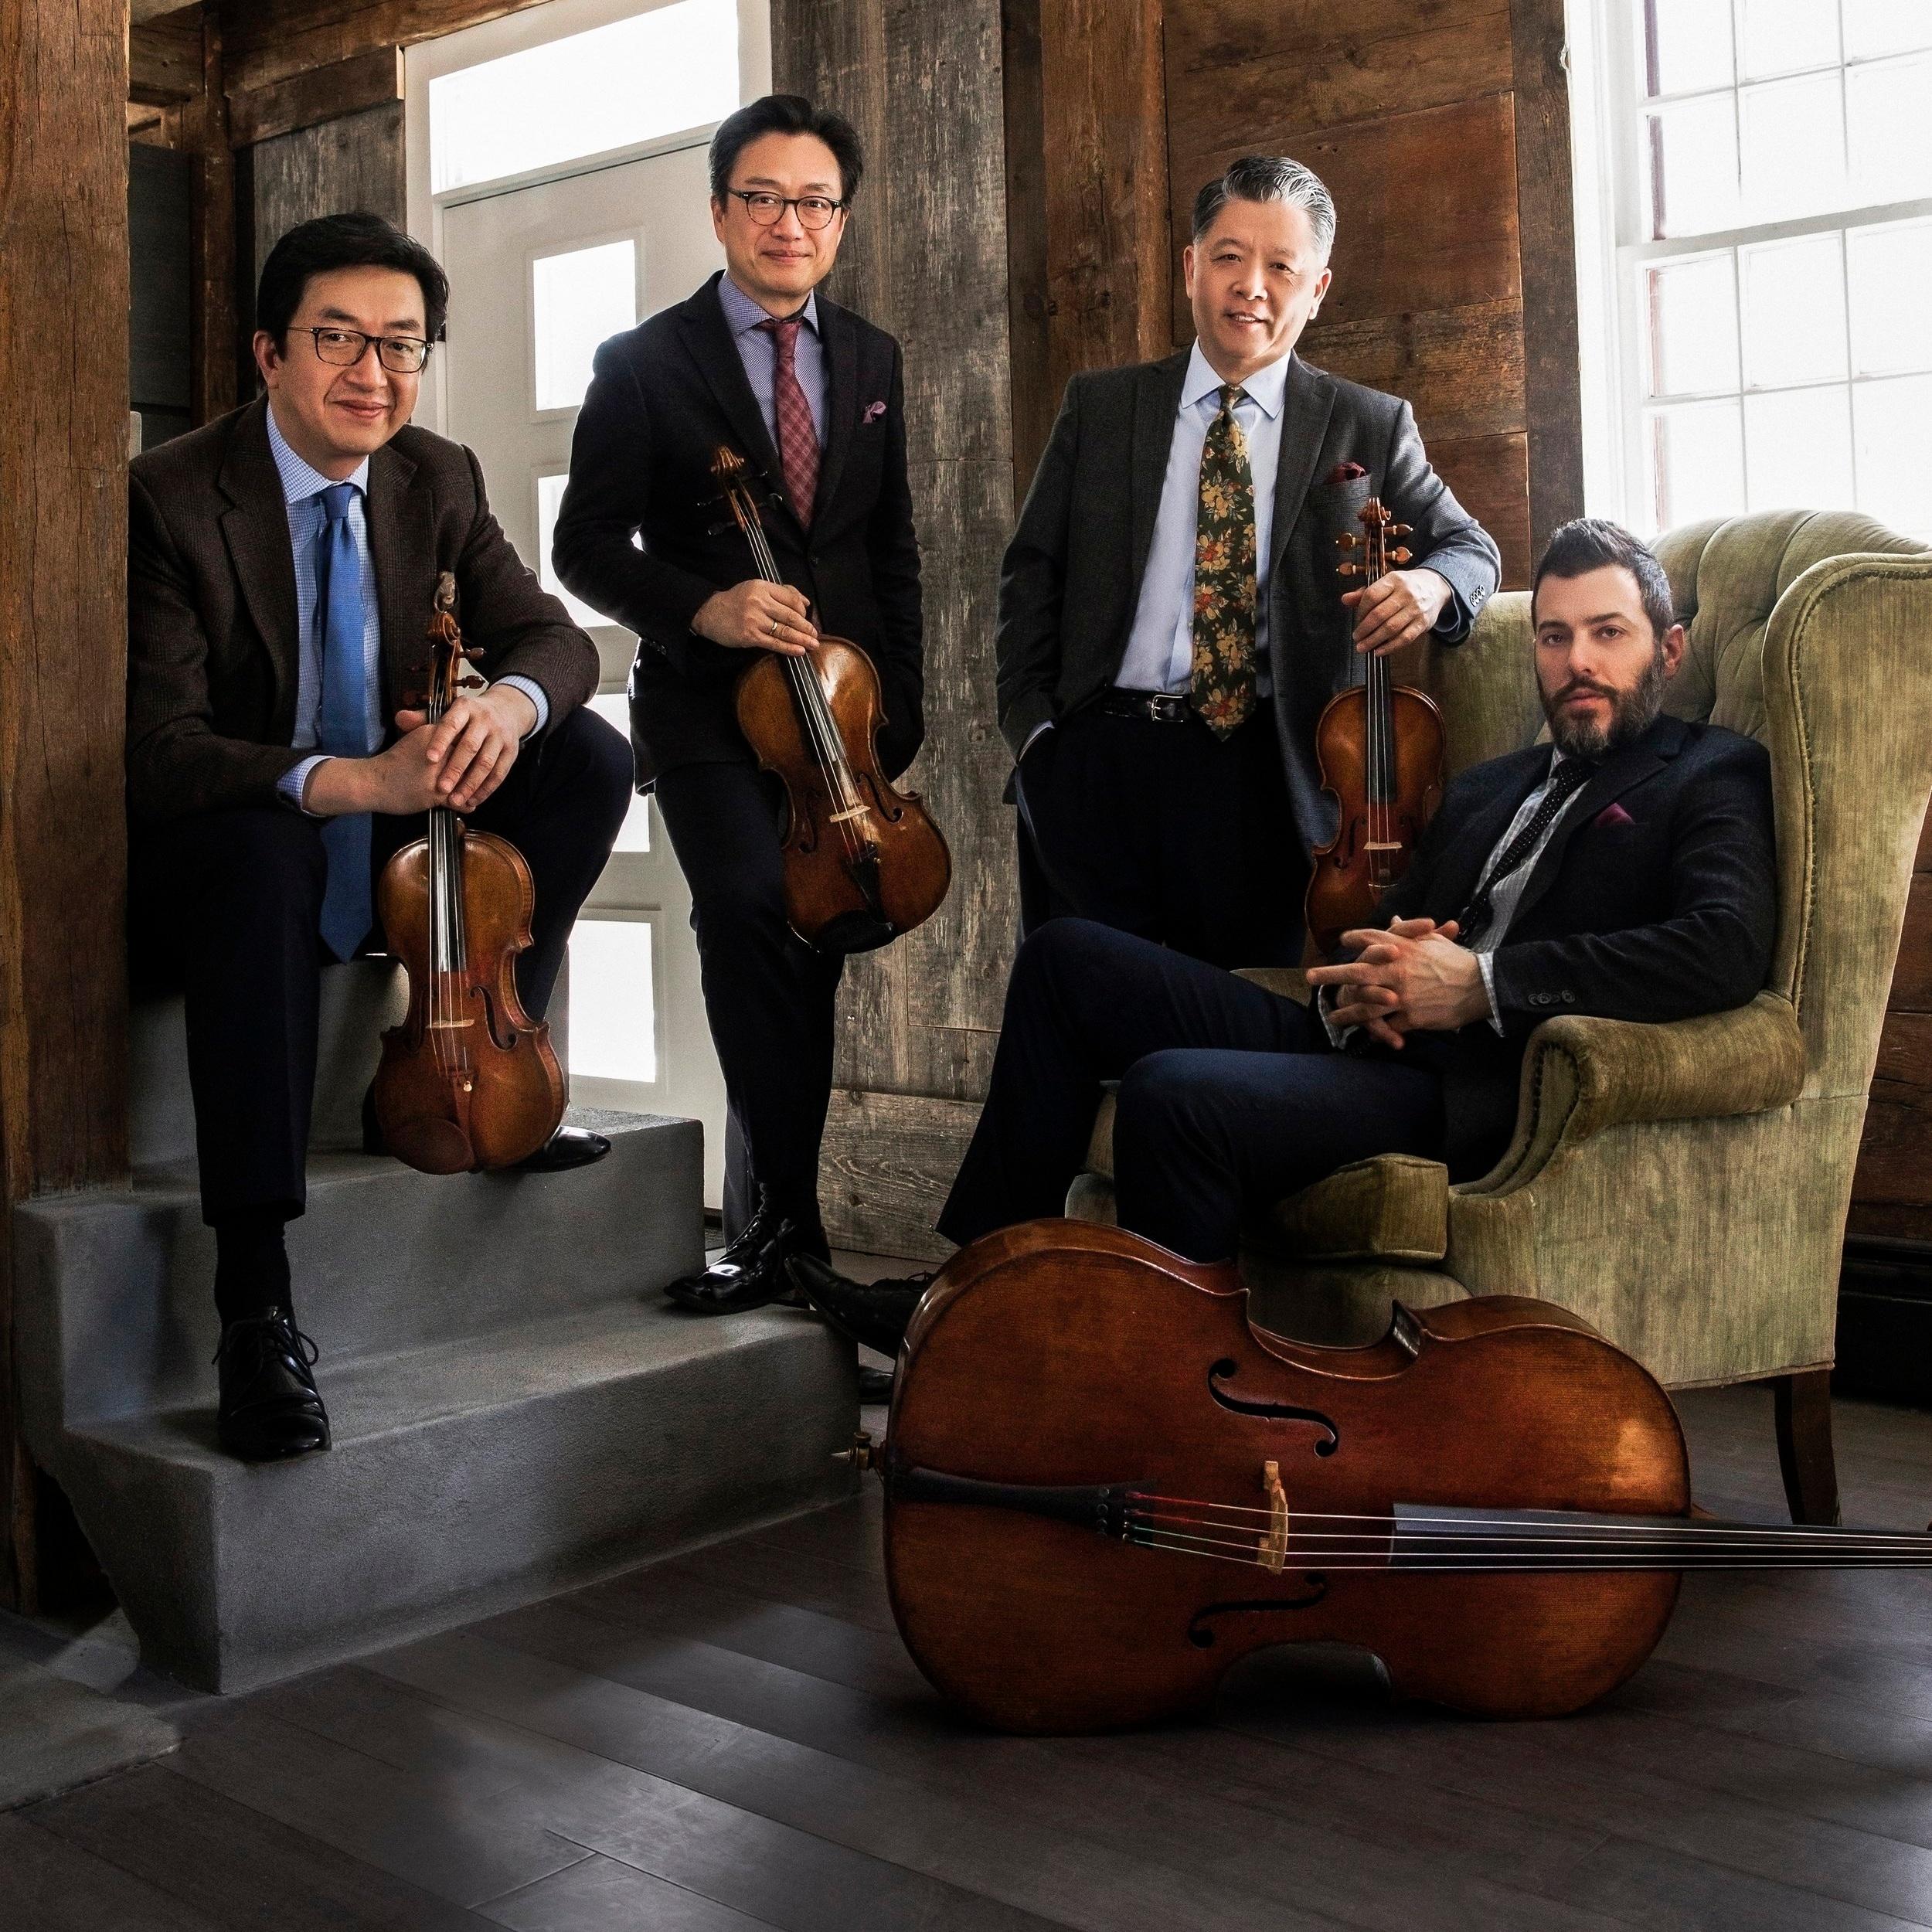 Shanghai+Quartet+2_credit+Lisa-Marie+Mazzucco.jpg